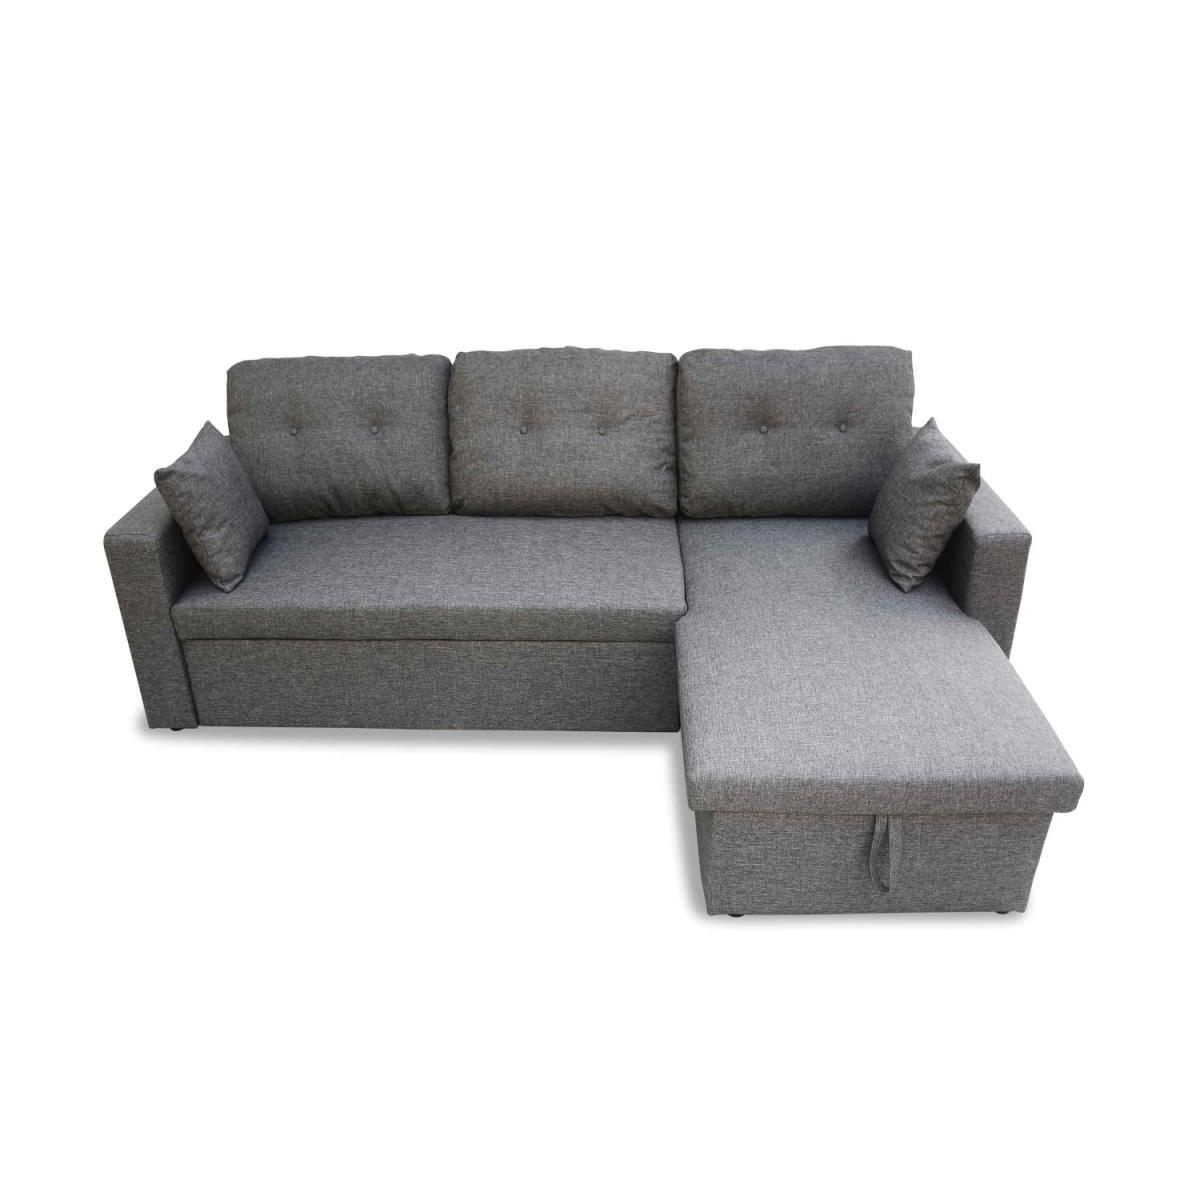 Alice'S Garden Canapé d'angle convertible en tissu gris chiné foncé - IDA - 3 places, fauteuil d'angle réversible coffre rangement lit